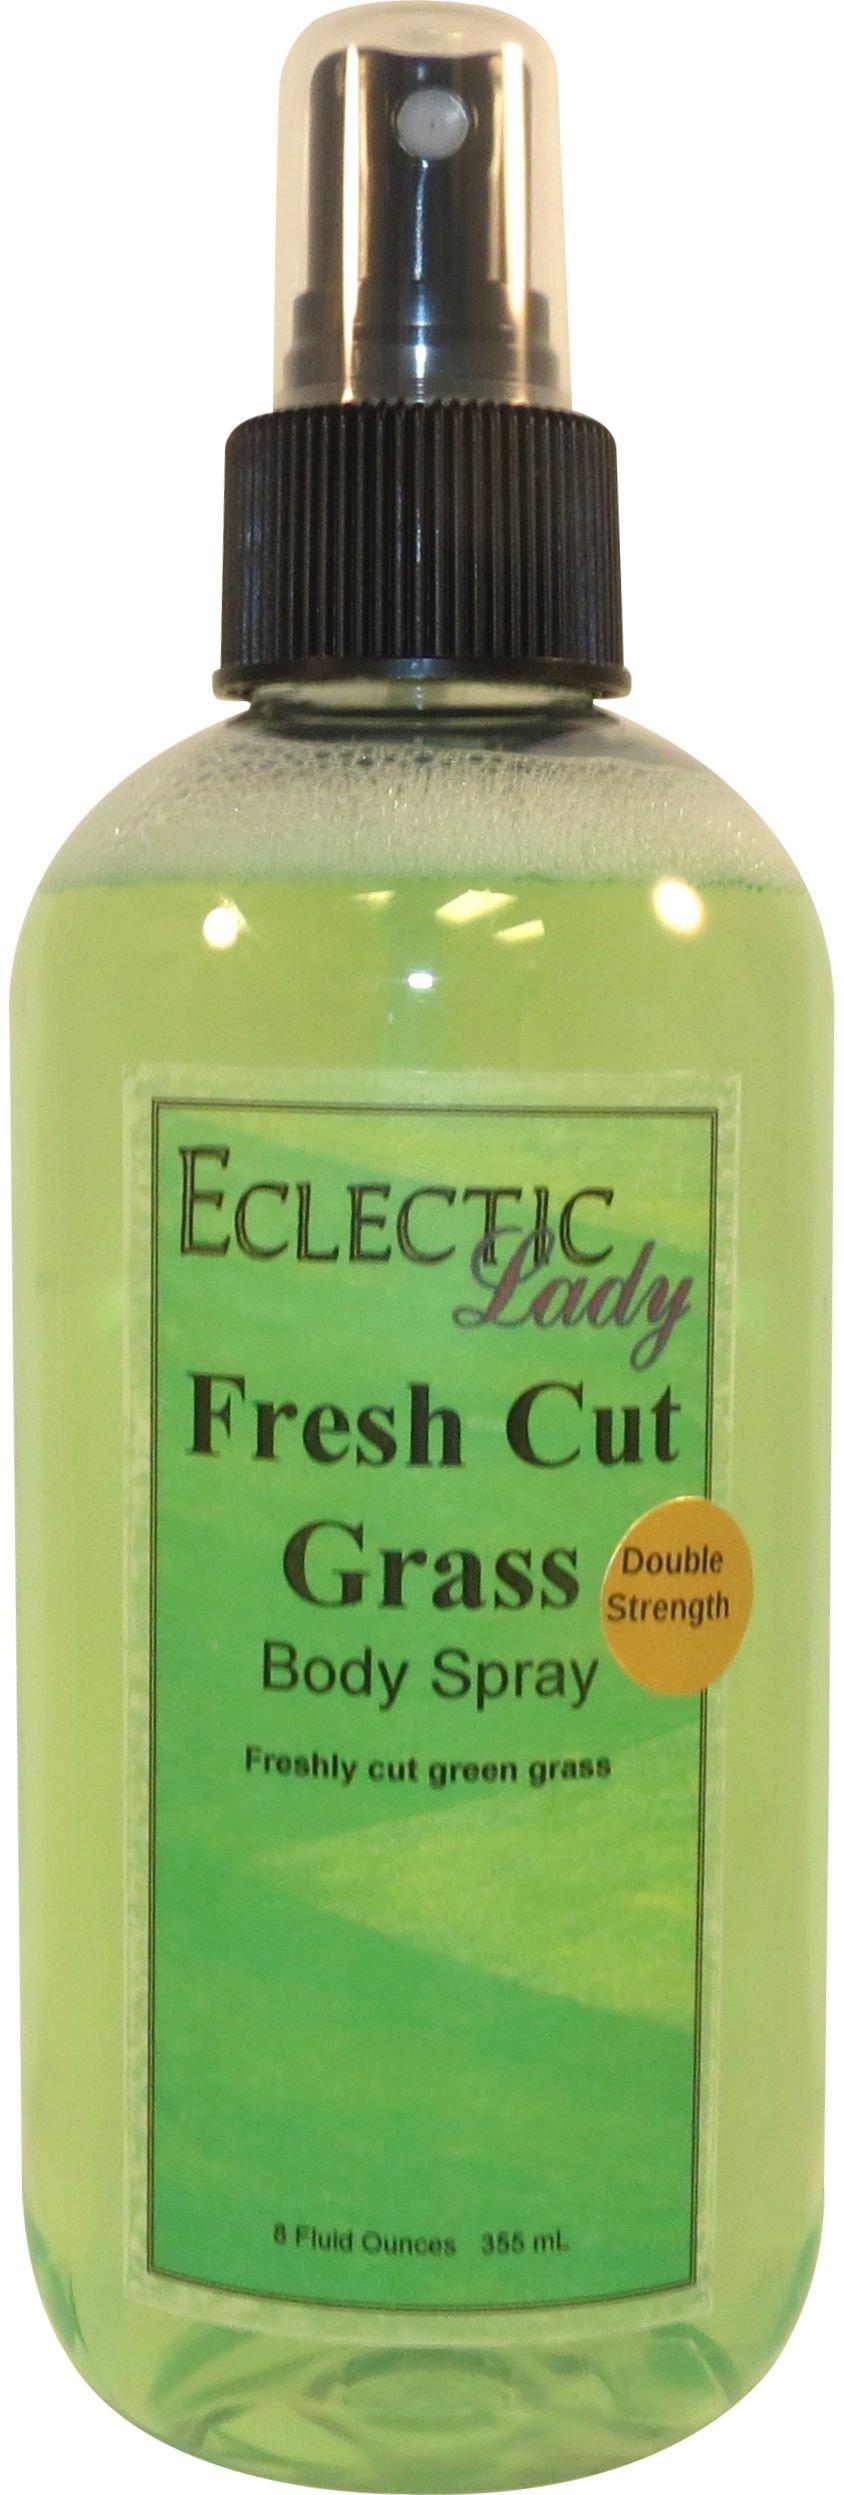 Fresh Cut Grass Body Spray (Double Strength), 8 ounces